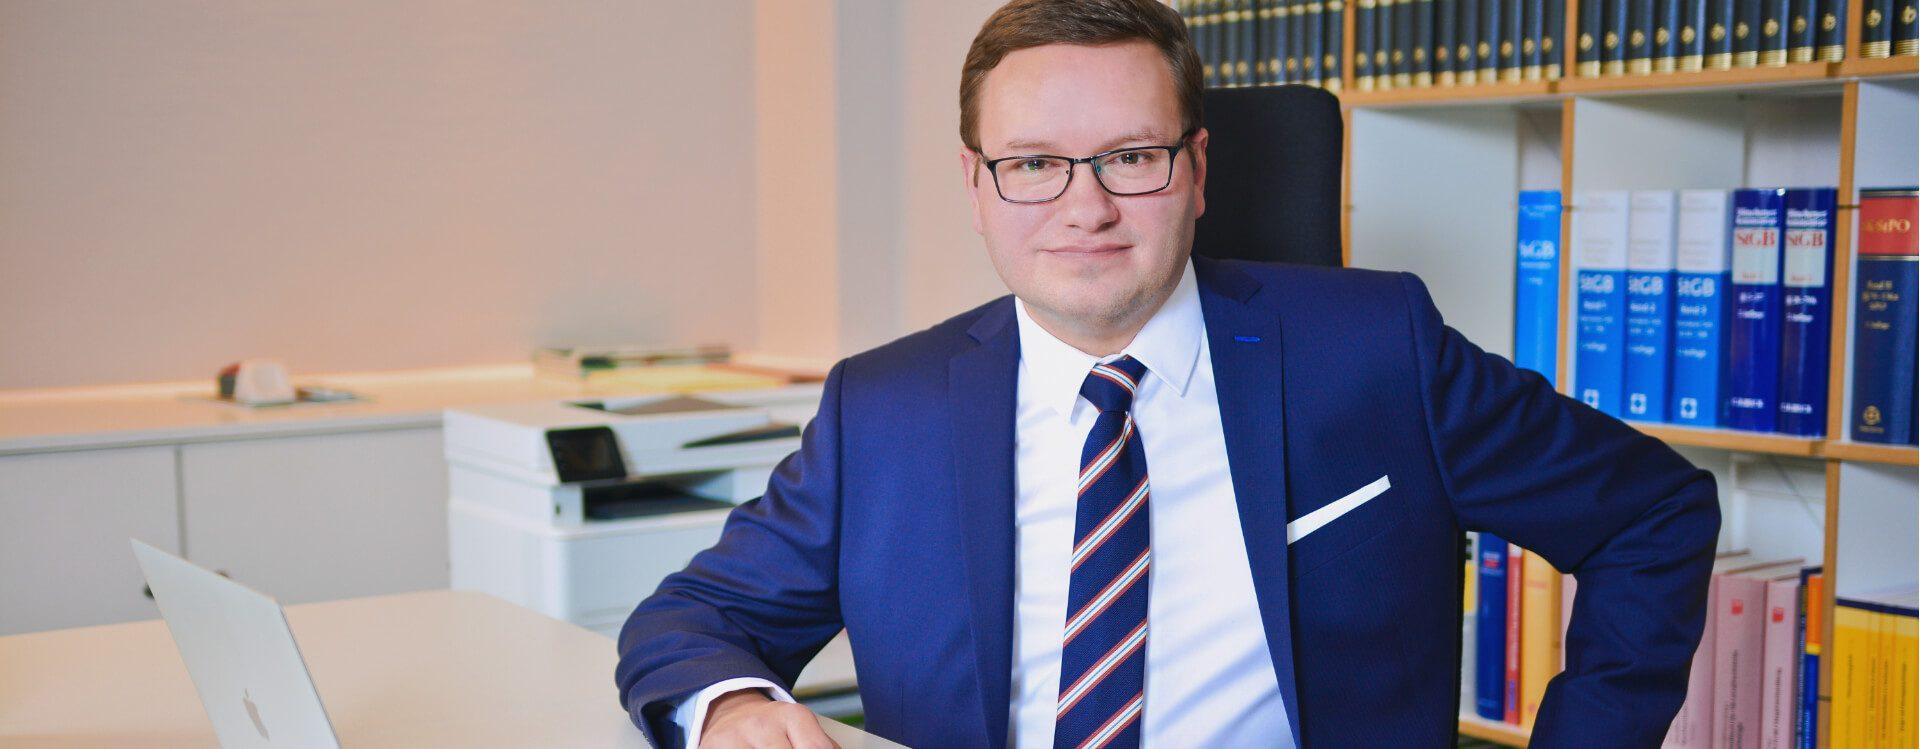 Professionelle und seriöse Strafverteidigung in Hamburg | Rechtsanwalt für Strafrecht und Wirtschaftsstrafrecht Mirko Laudon stellt sich vor